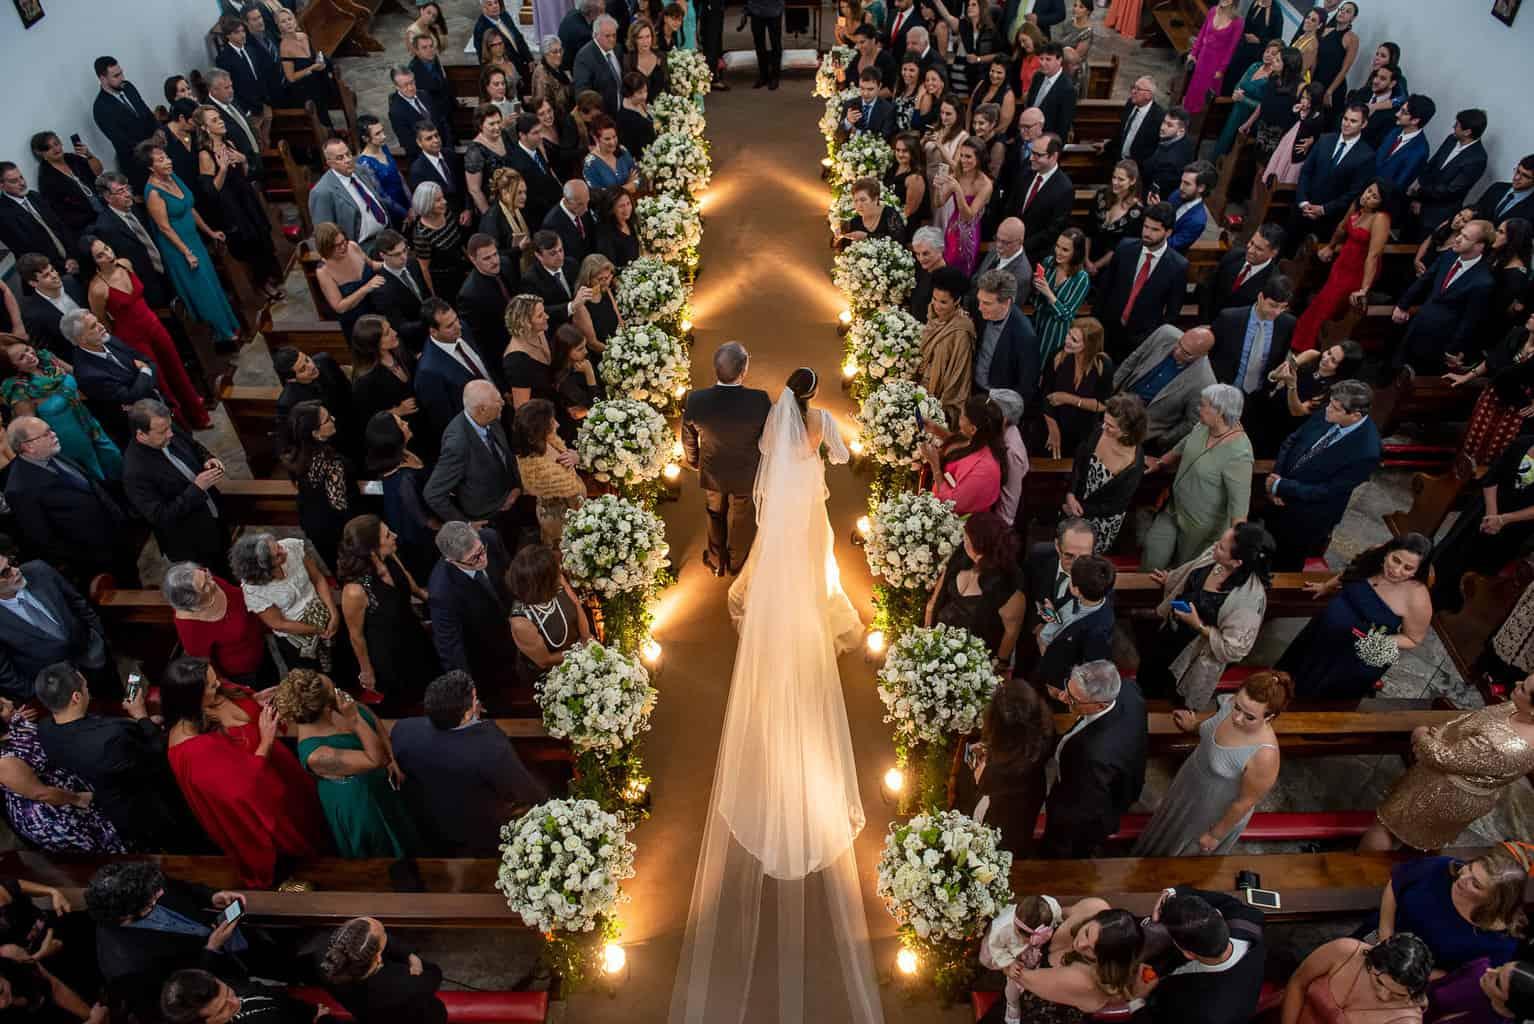 casamento-luiza-e-gustavo-cerimonia-na-igreja-cerimonial-casamento-de-ideias-decoracao-fotografia-lenine-serejo-Igreja-Nossa-Senhora-da-Conceicao17